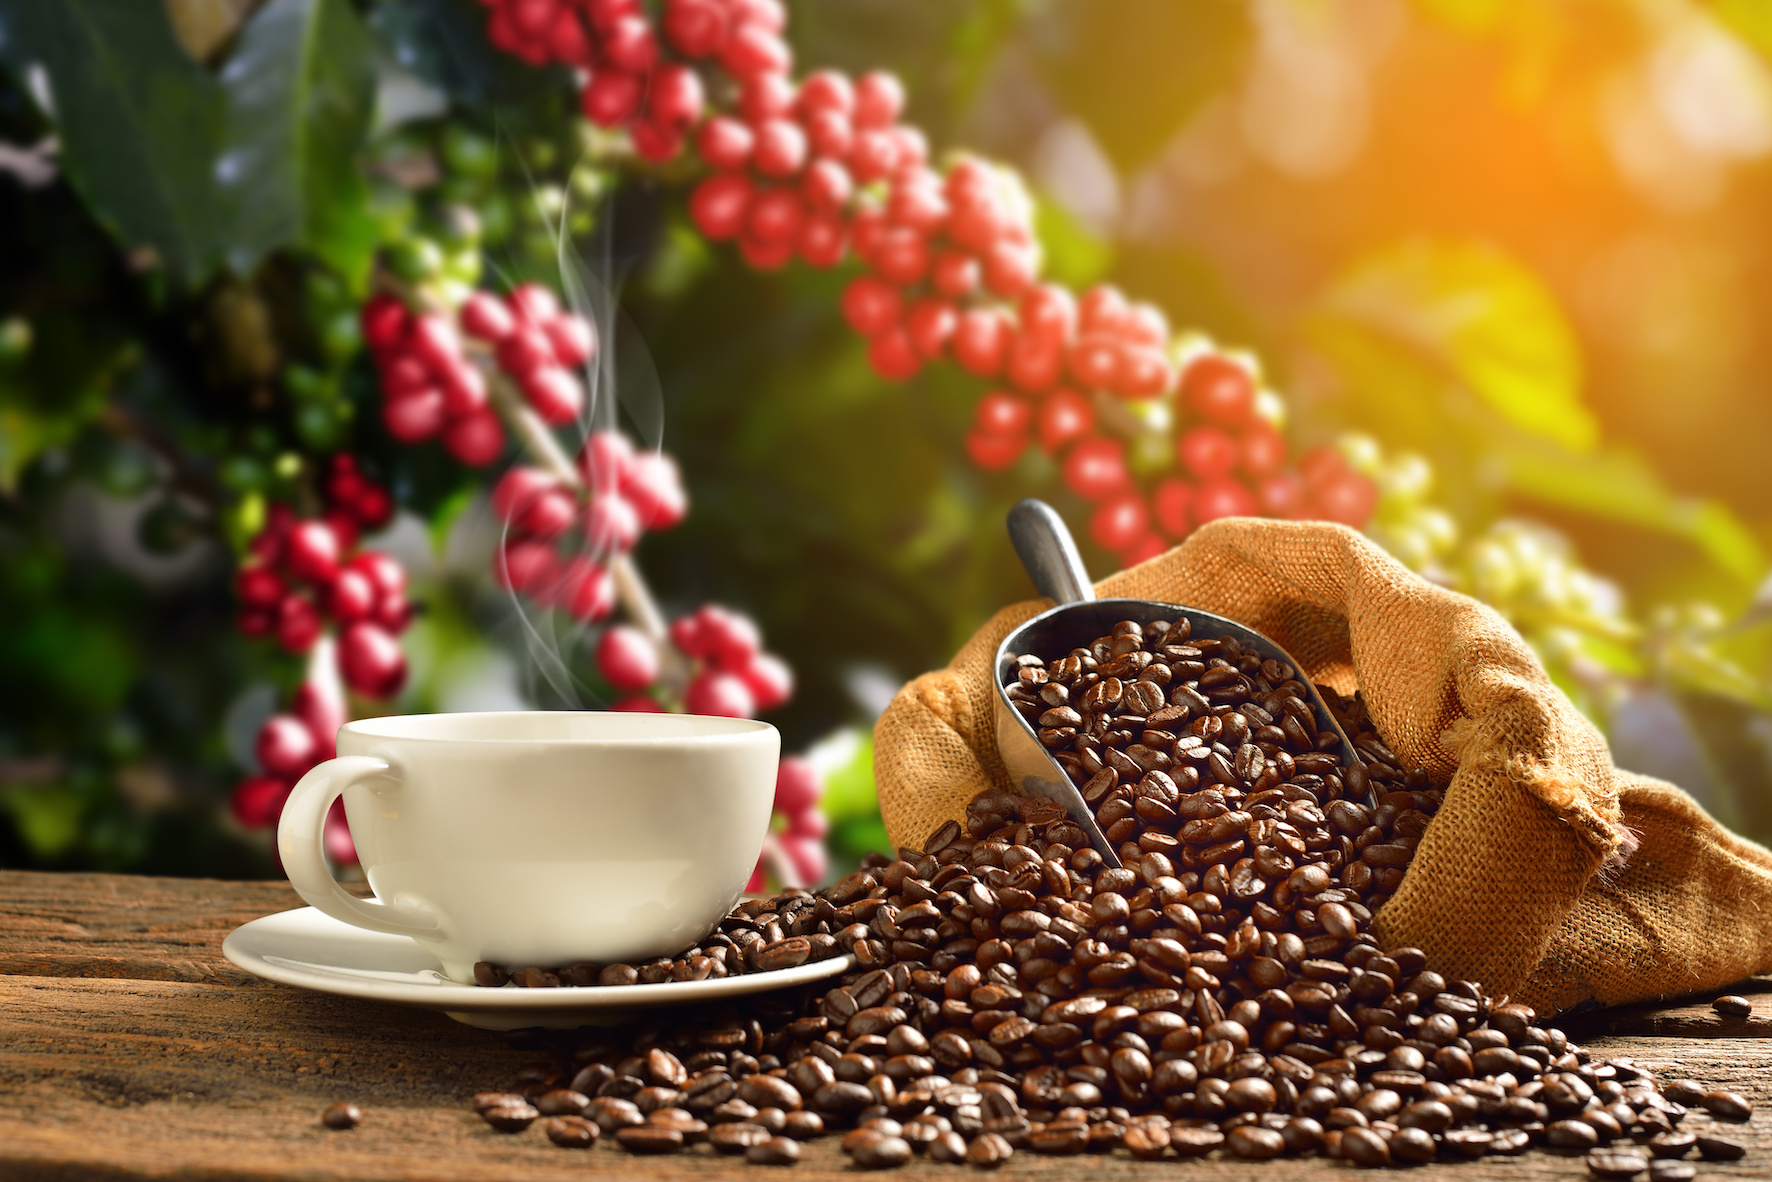 Wissenswertes: Eine kleine Reise durch die köstliche Welt des Kaffees